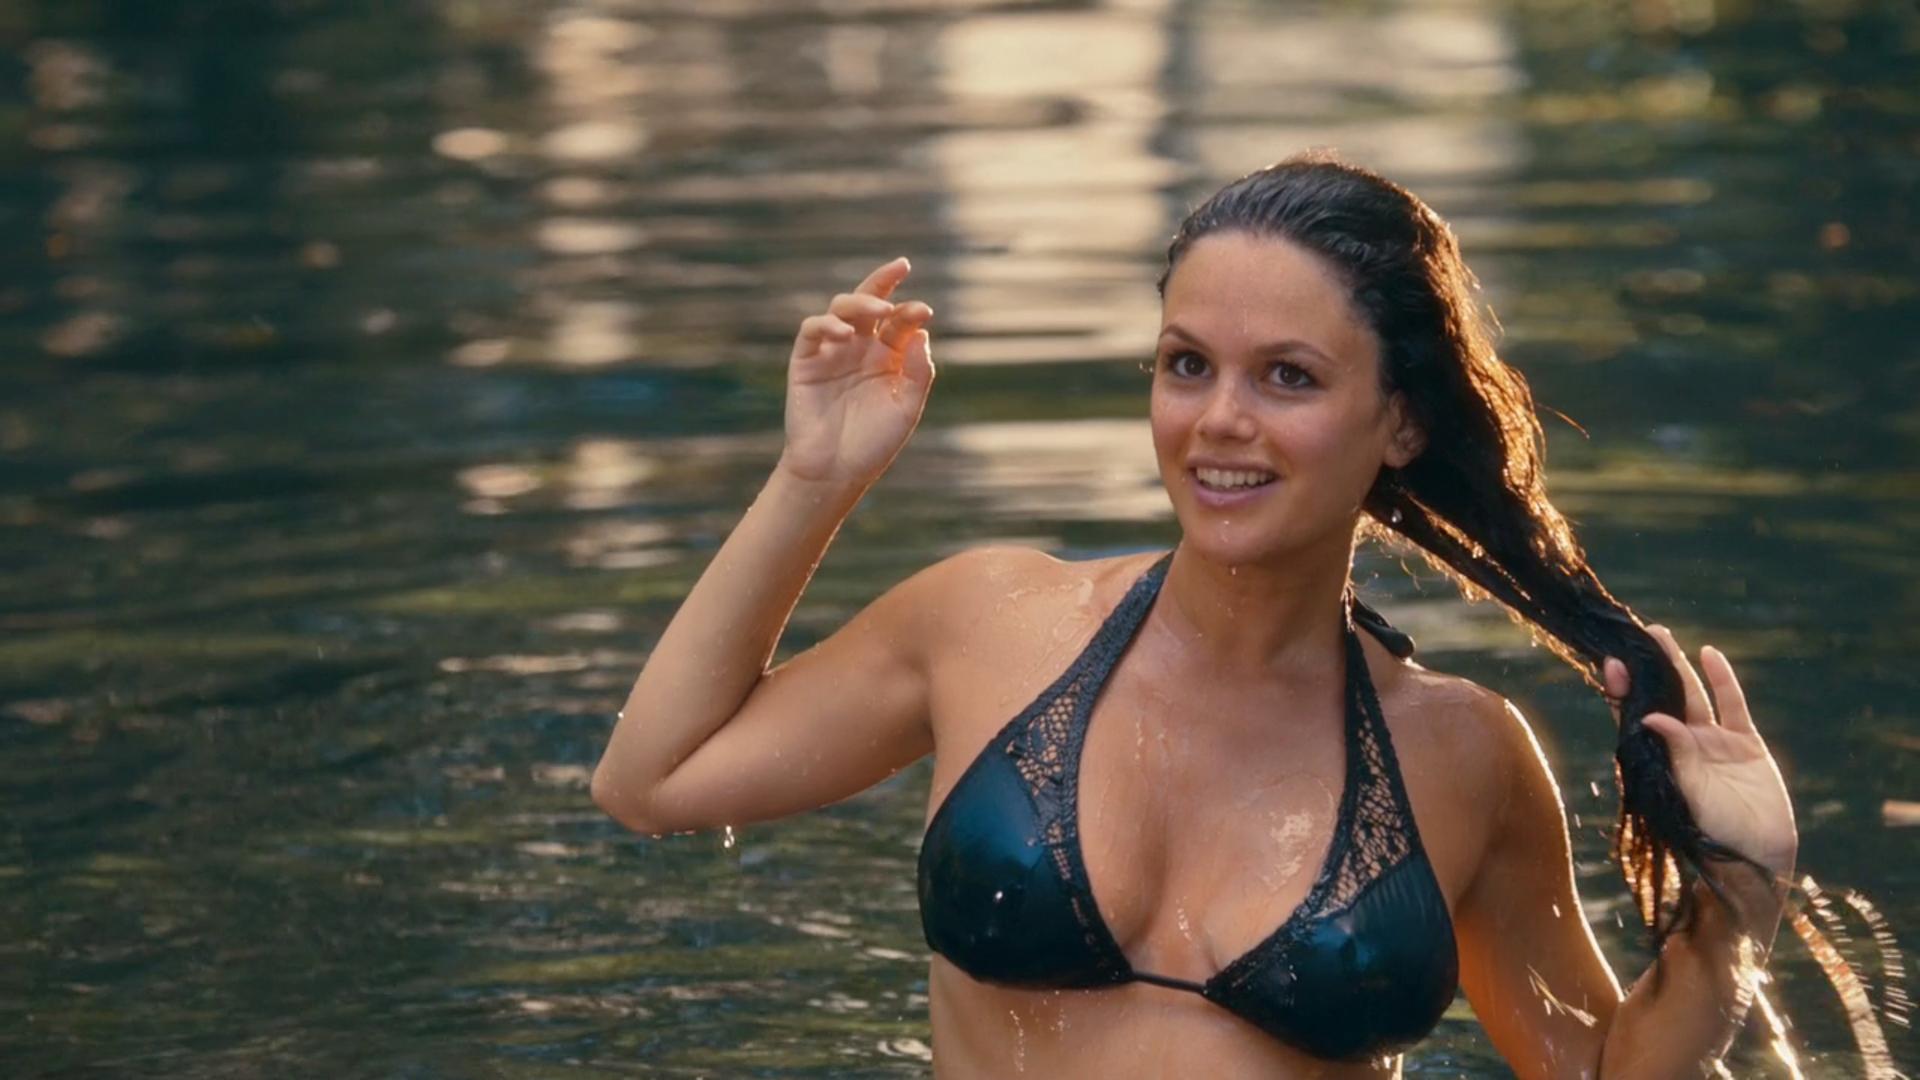 Beautiful nude women photos actresses know